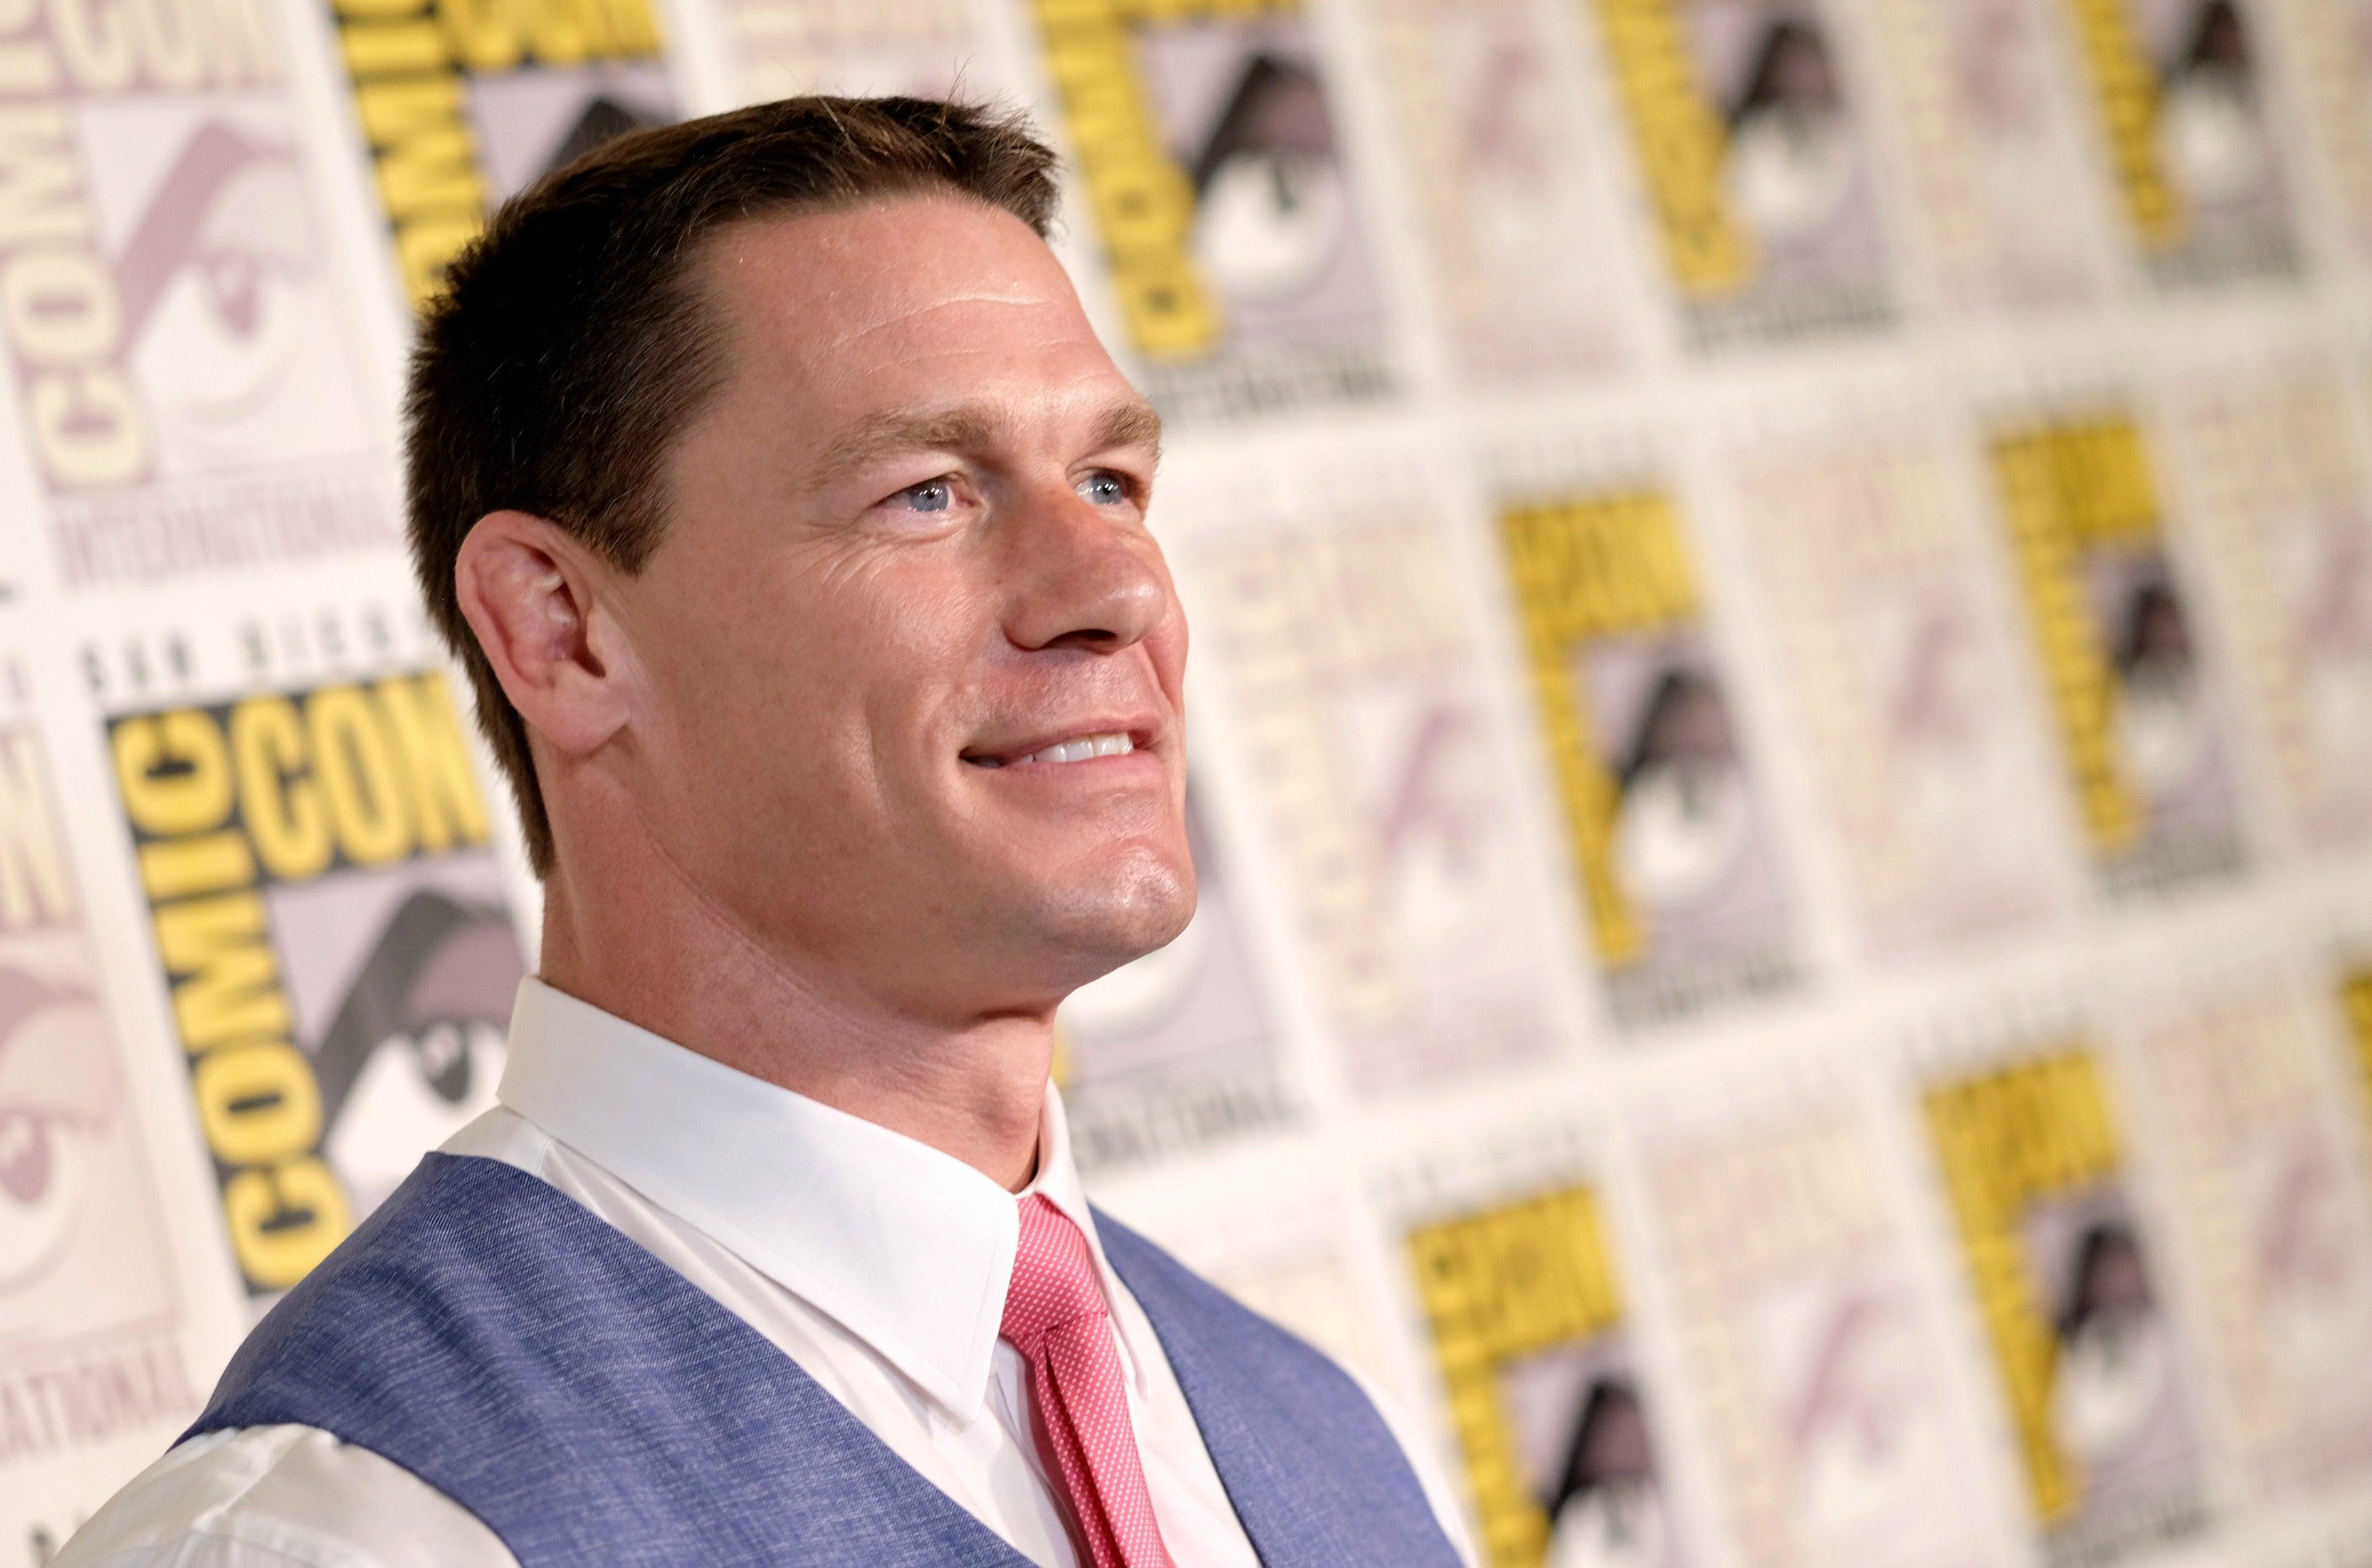 John Cena And Nikki Bella Call Off Wedding.John Cena Tweets About Living With No Regret After Nikki